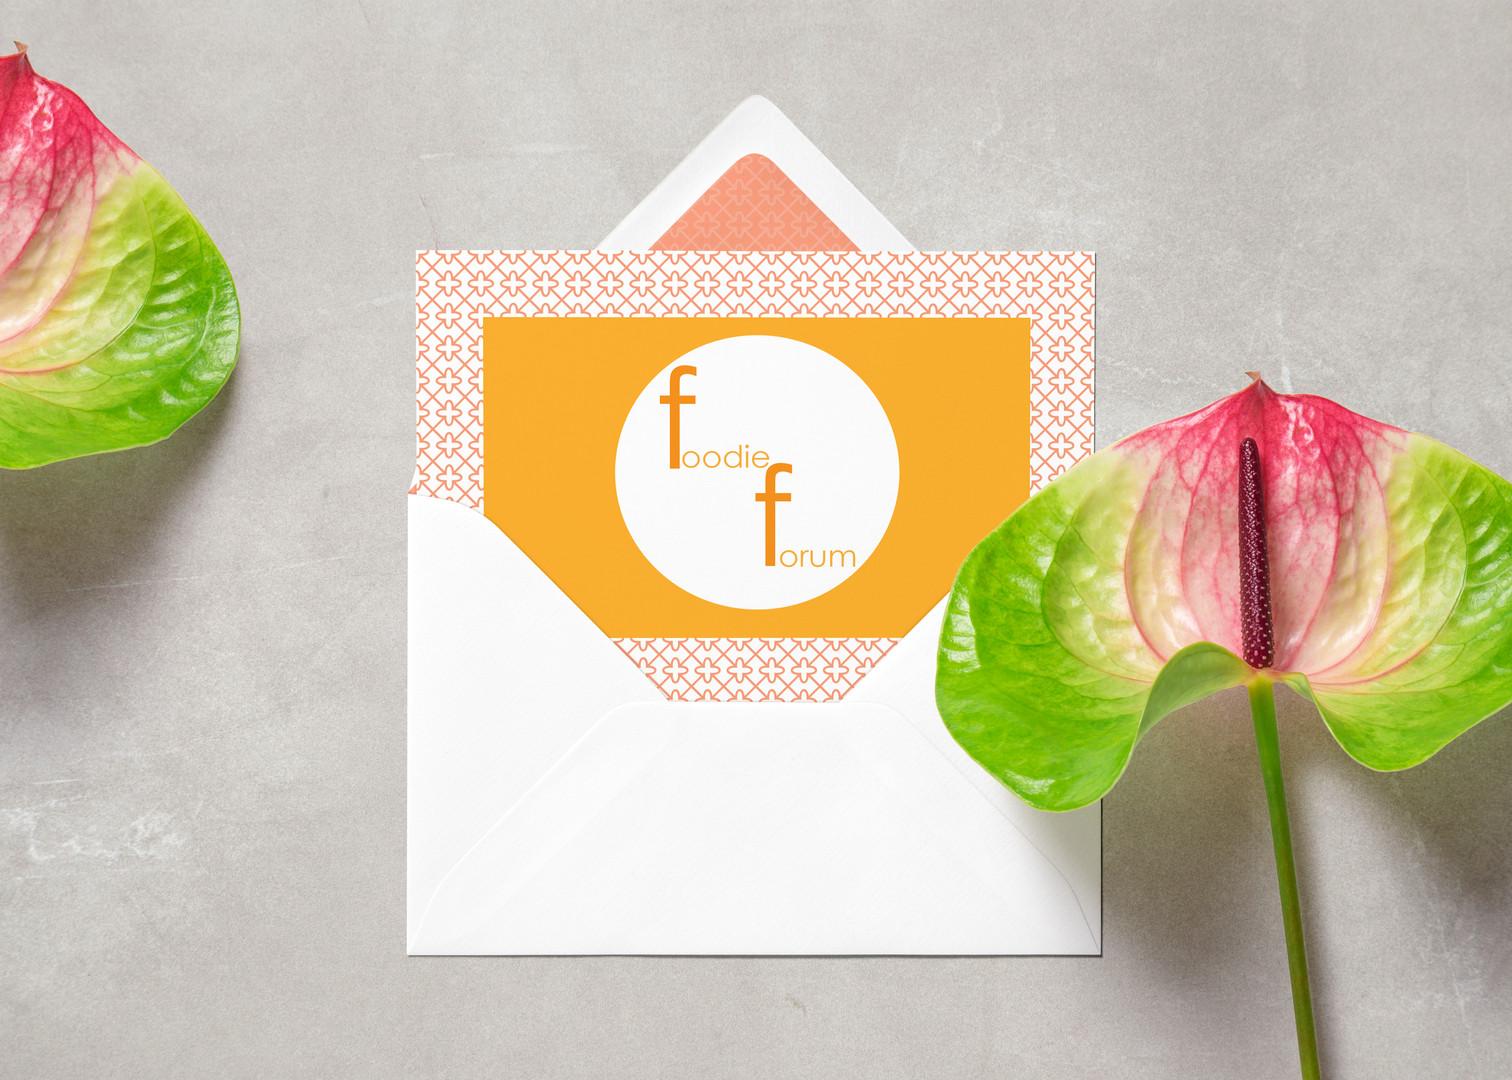 FoodieForum Card Envelope MockUp.jpg